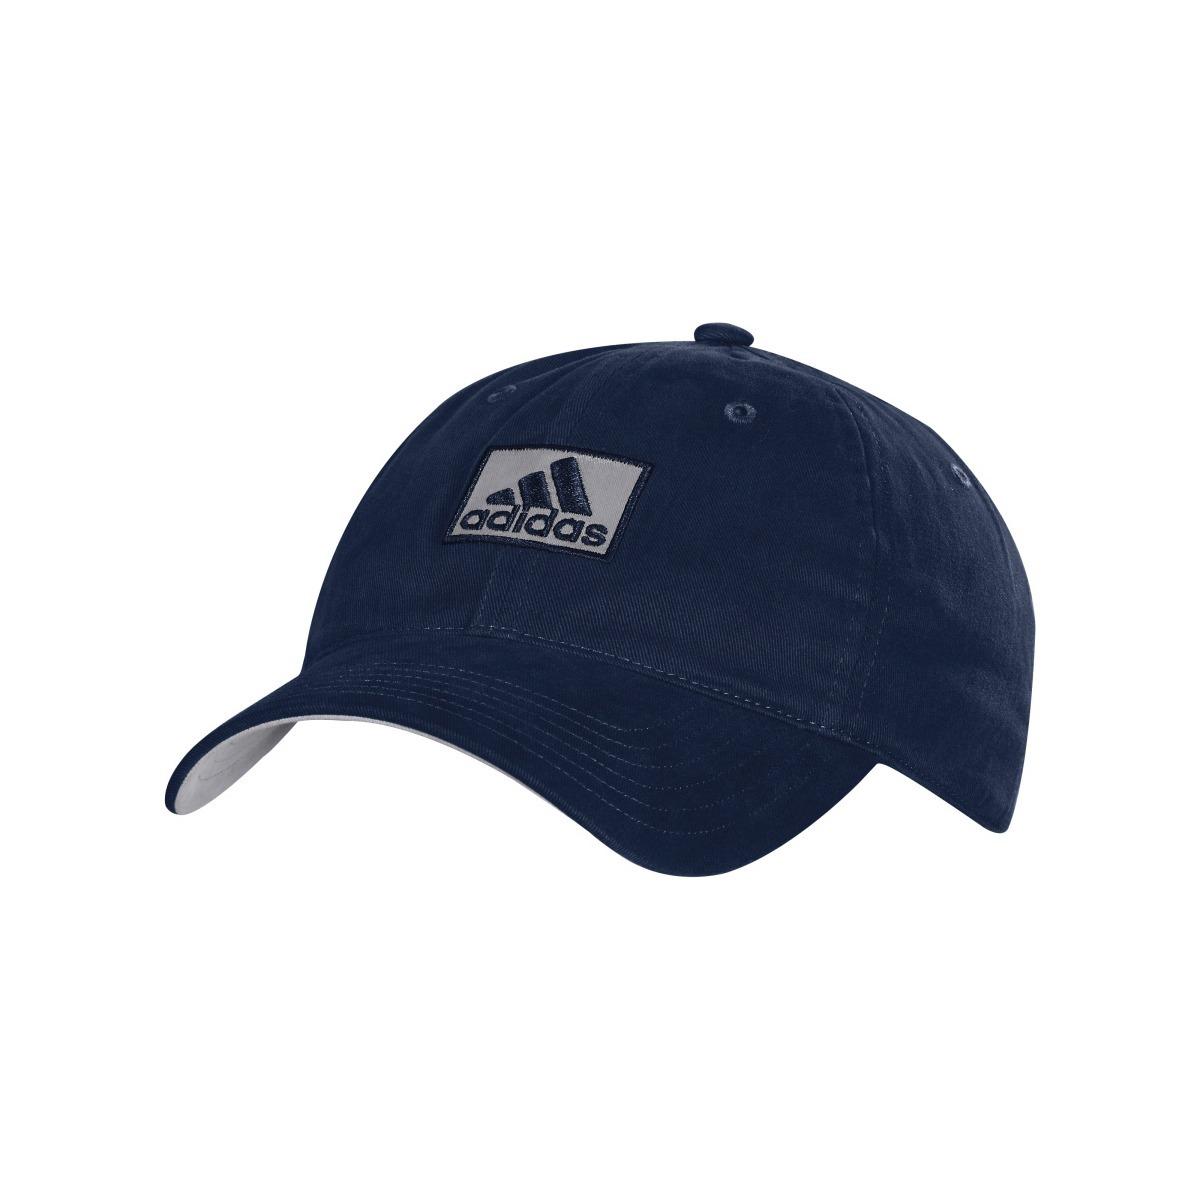 cec9e87238c29 Gorra adidas Relax -   299.00 en Mercado Libre